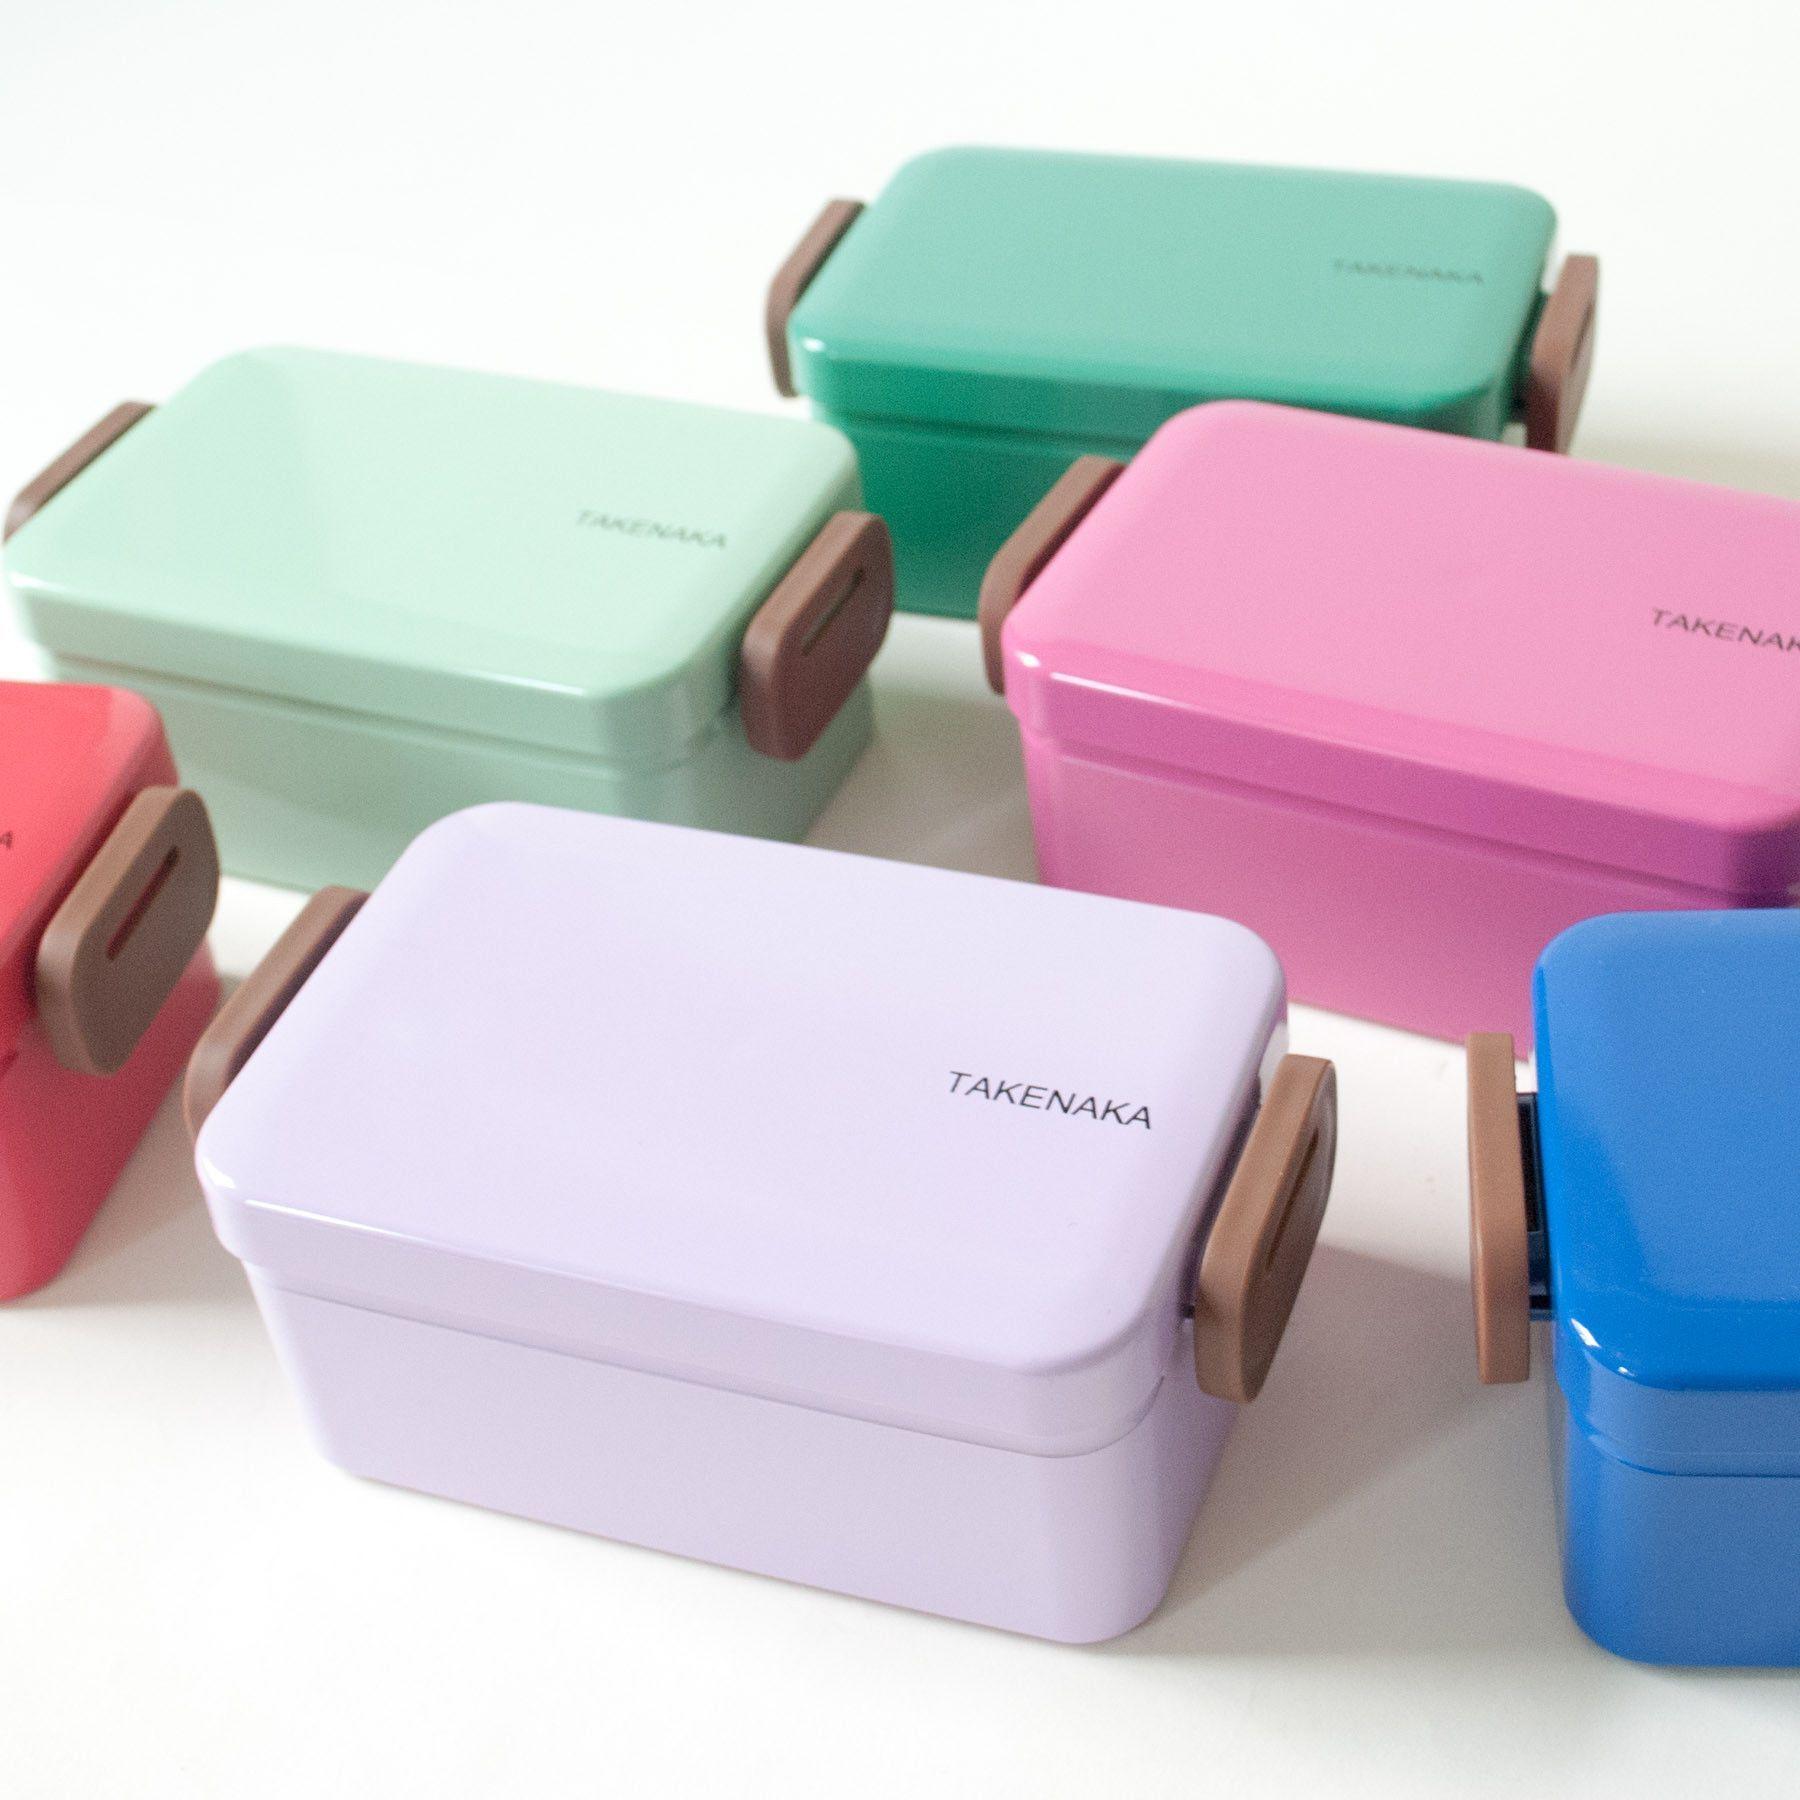 Takenaka Deep Small Bento Box From Omoi Zakka Shop